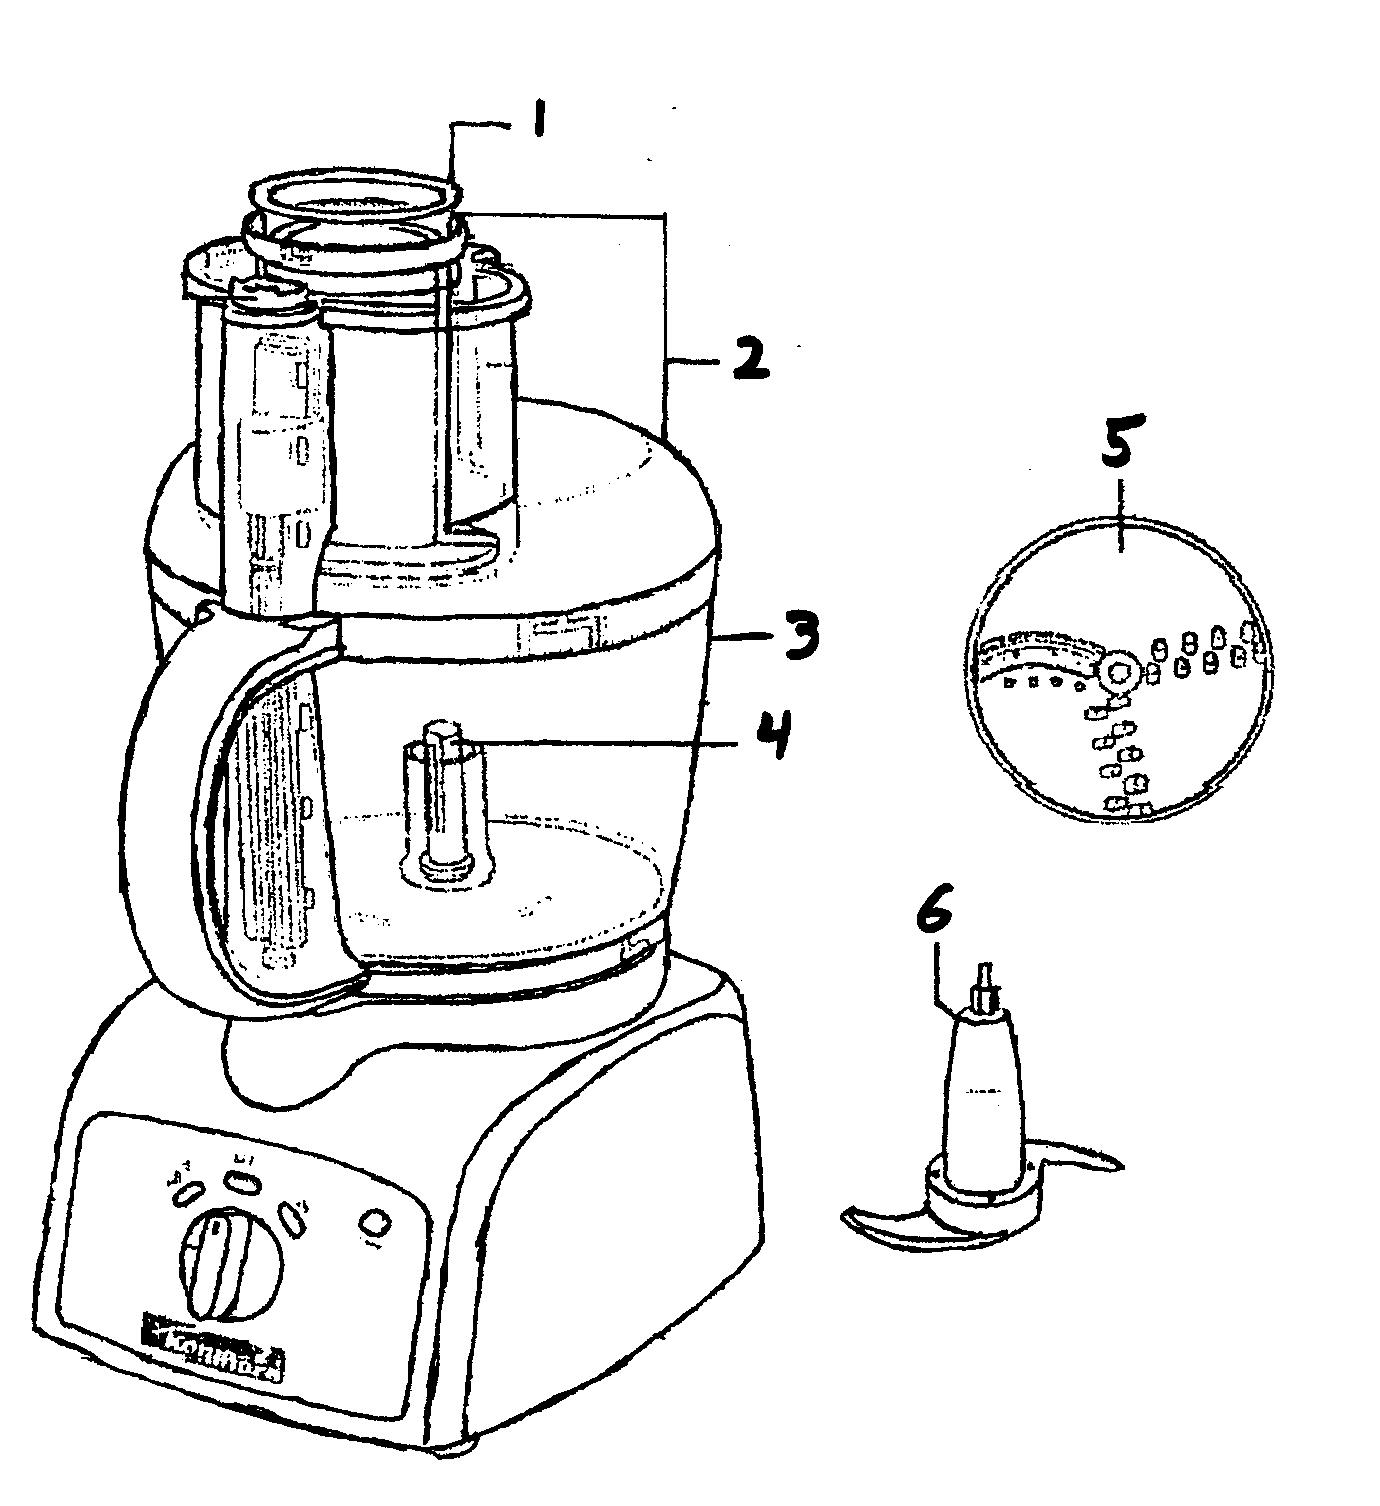 Kenmore model 10082002 food processor genuine parts